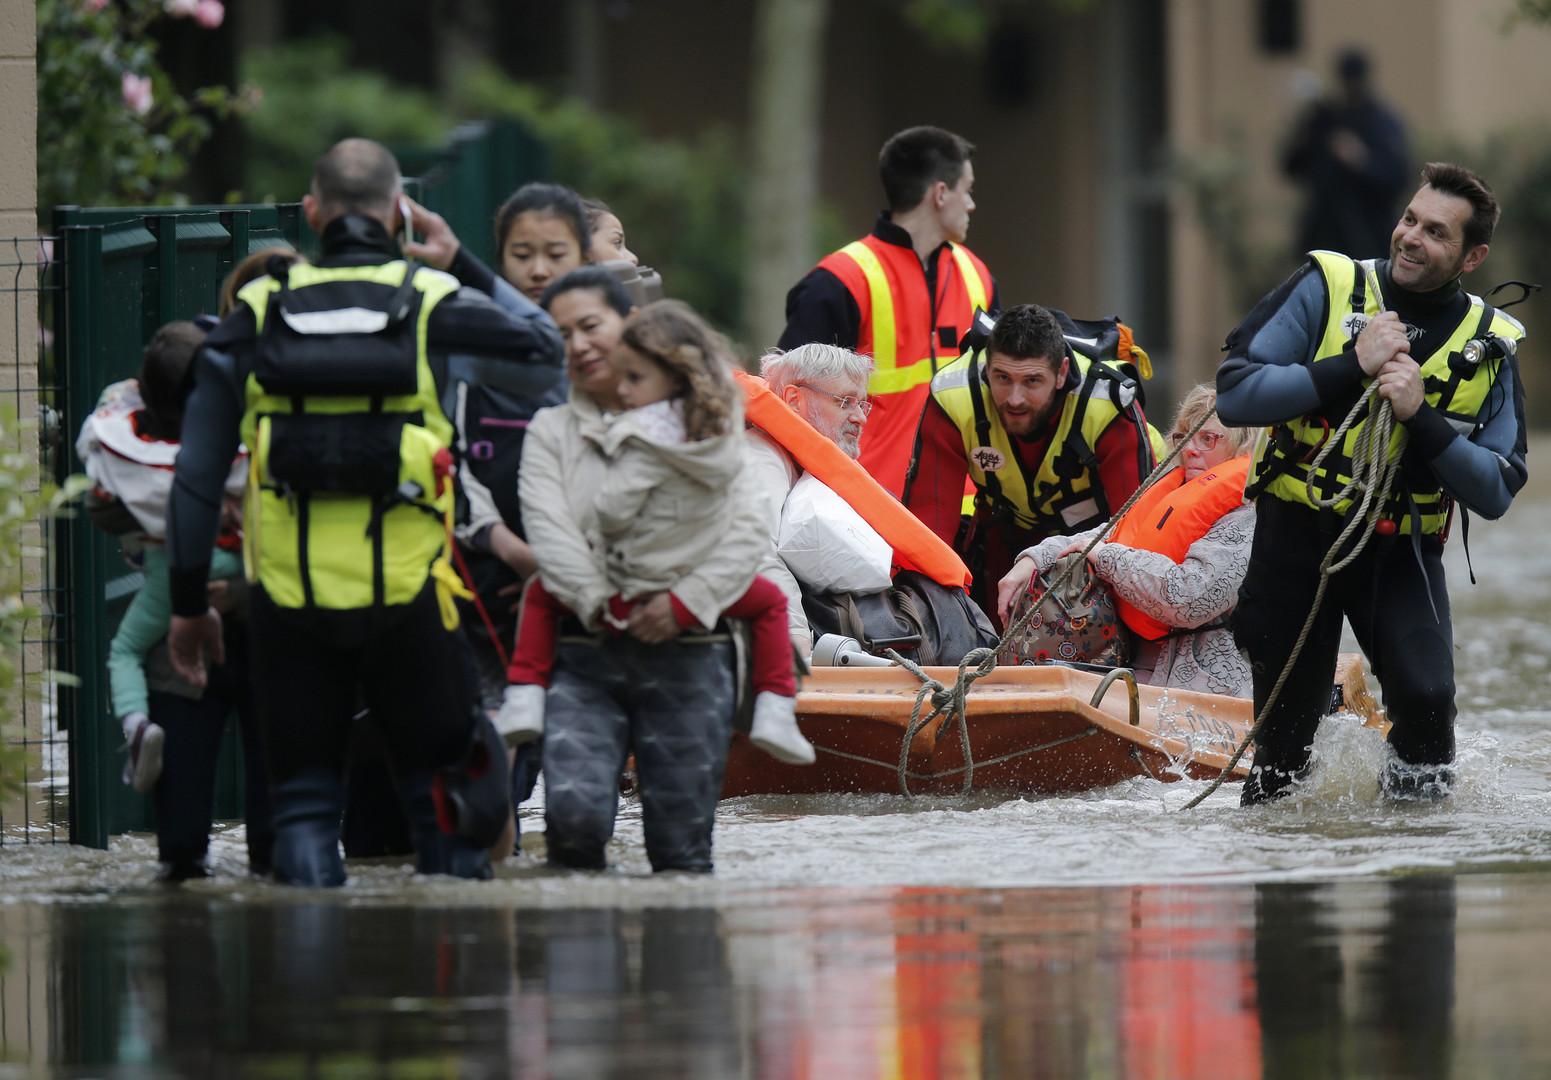 Inondations en France : la situation se dégrade, la crue pourrait atteindre 6,5 mètres à Paris